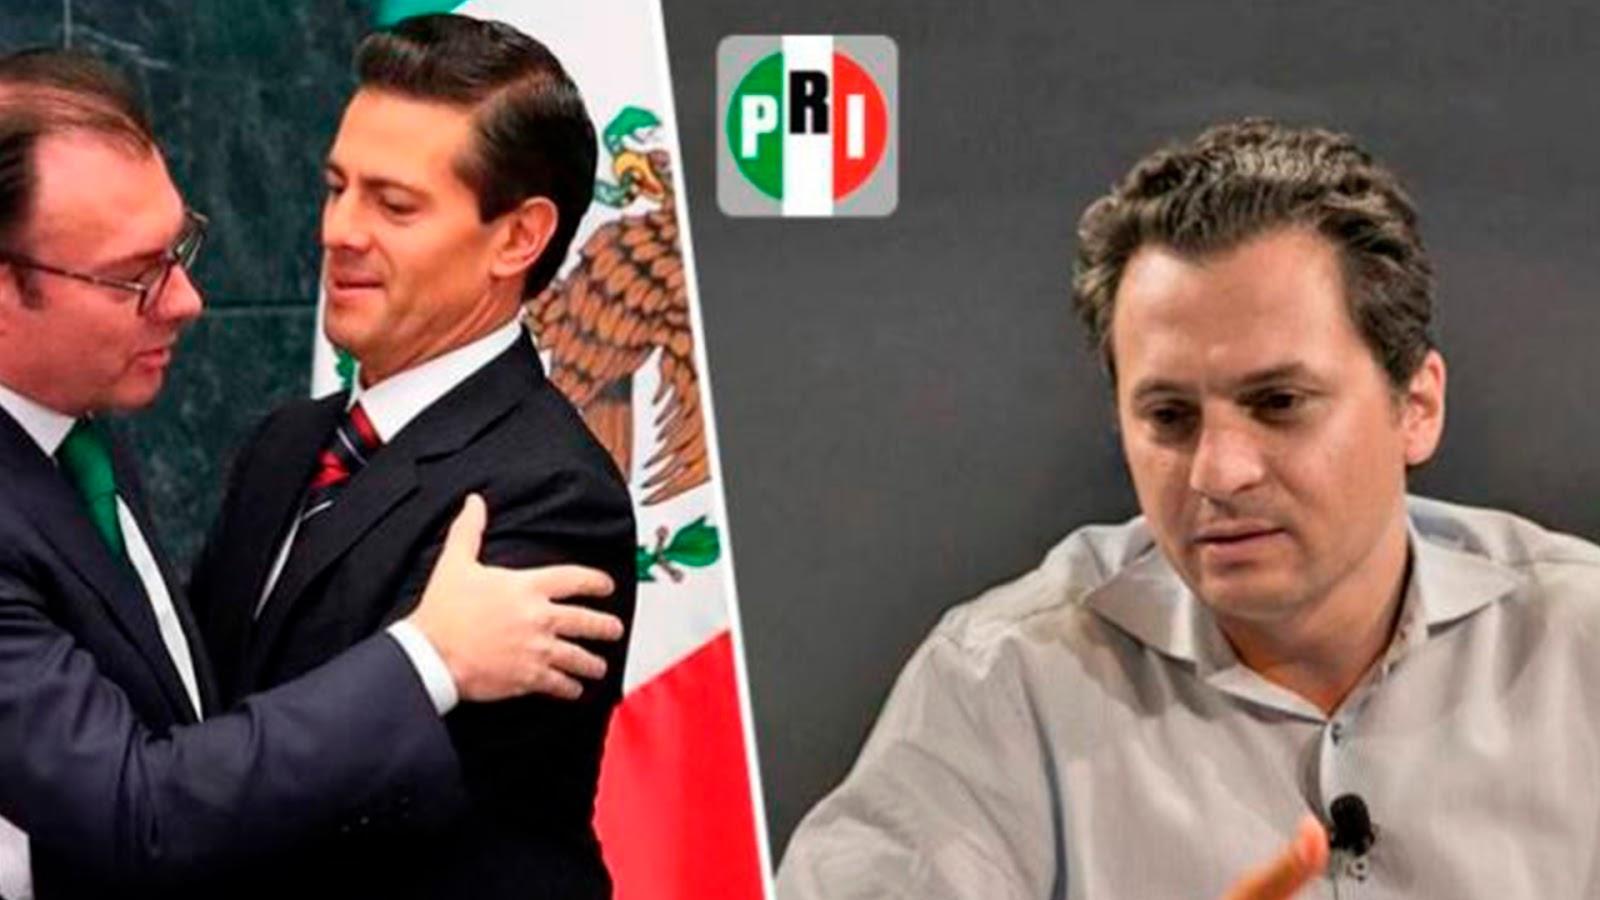 #ÚltimaHora: Lozoya confiesa ante la FGR que Peña y Videgaray recibieron 100 mdp en sobornos de Odebrecht